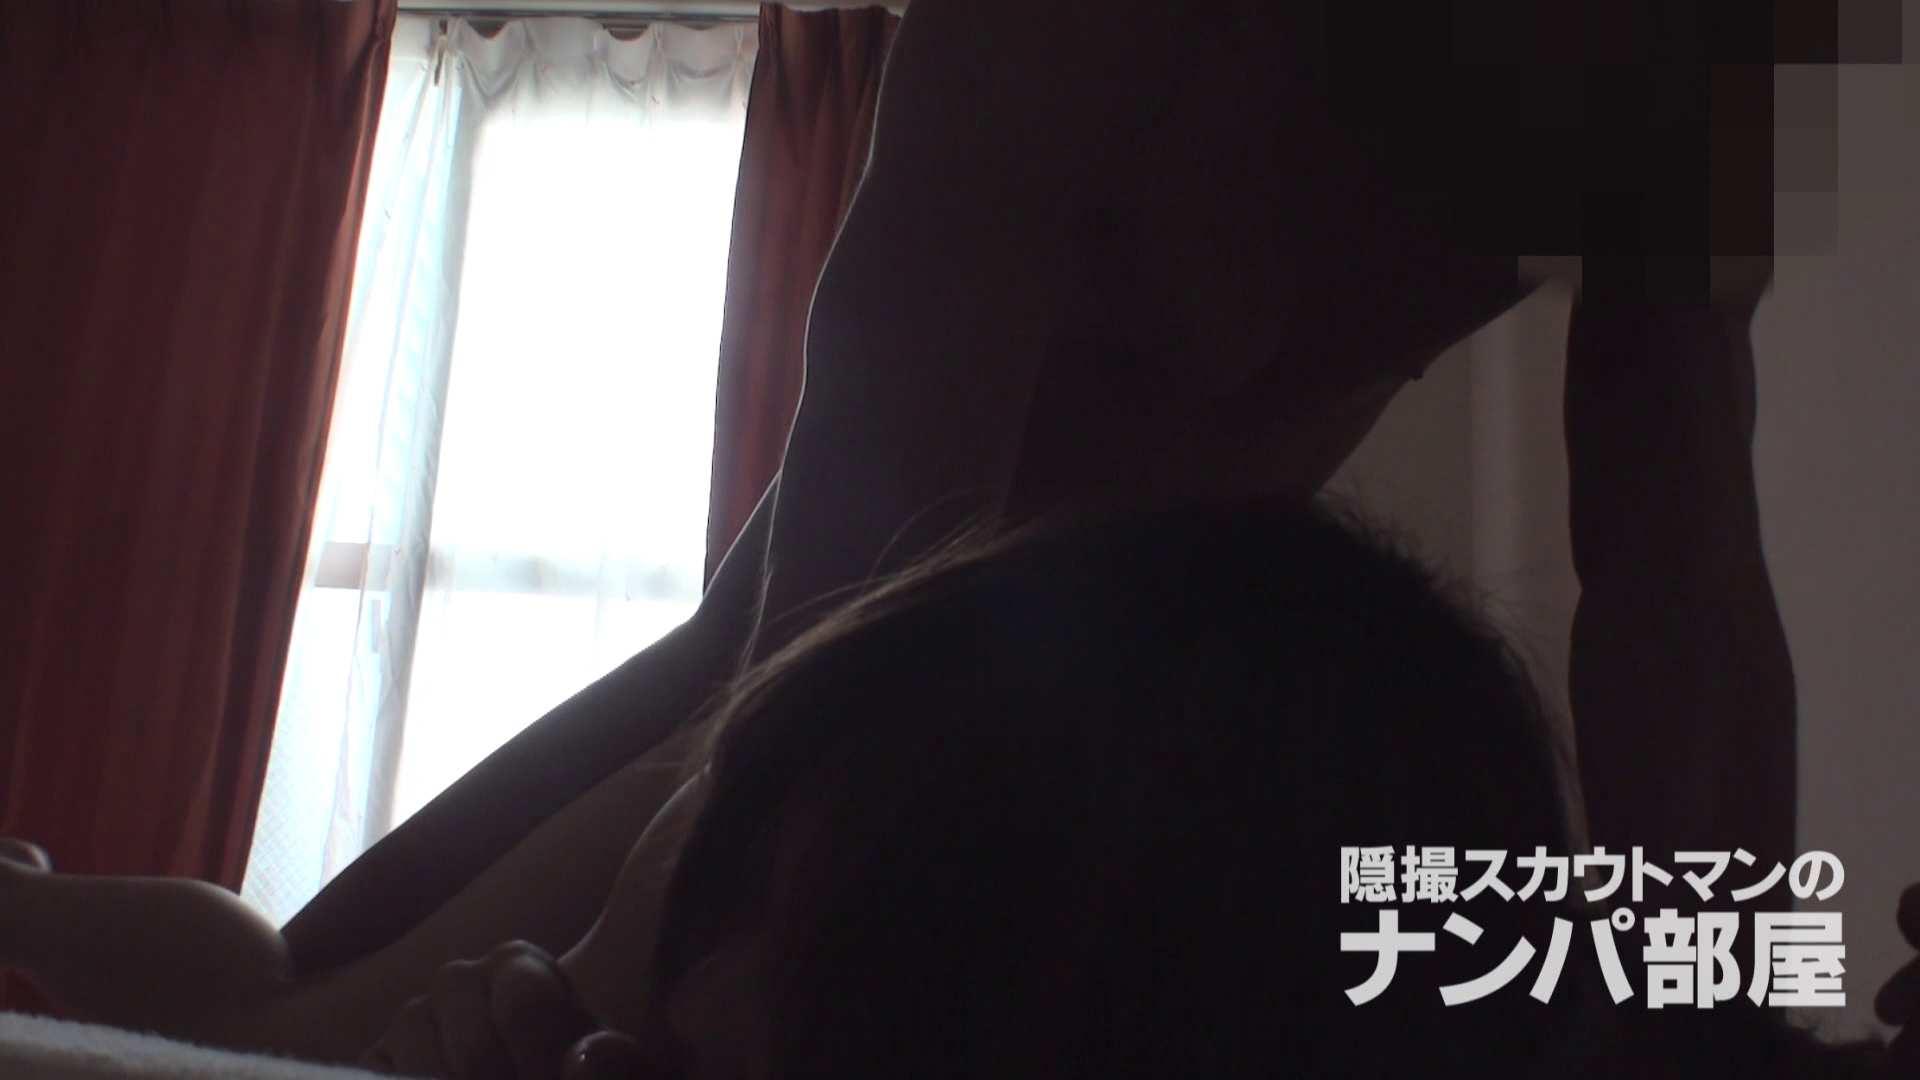 隠撮スカウトマンのナンパ部屋~風俗デビュー前のつまみ食い~ siivol.4 SEXプレイ 戯れ無修正画像 59連発 43